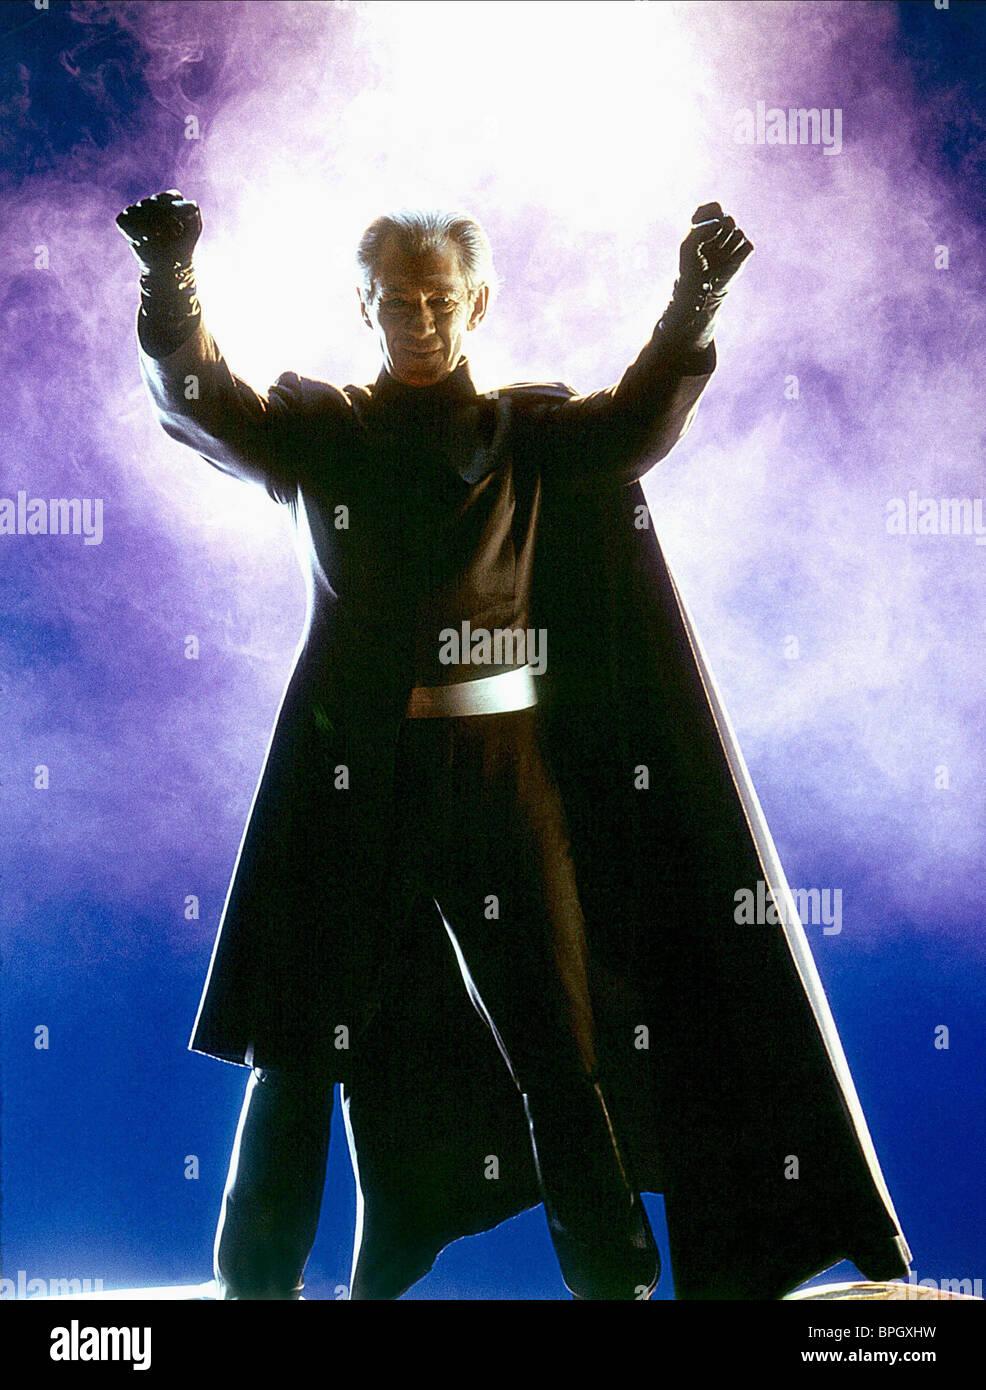 SIR IAN MCKELLEN X-MEN (2000) - Stock Image